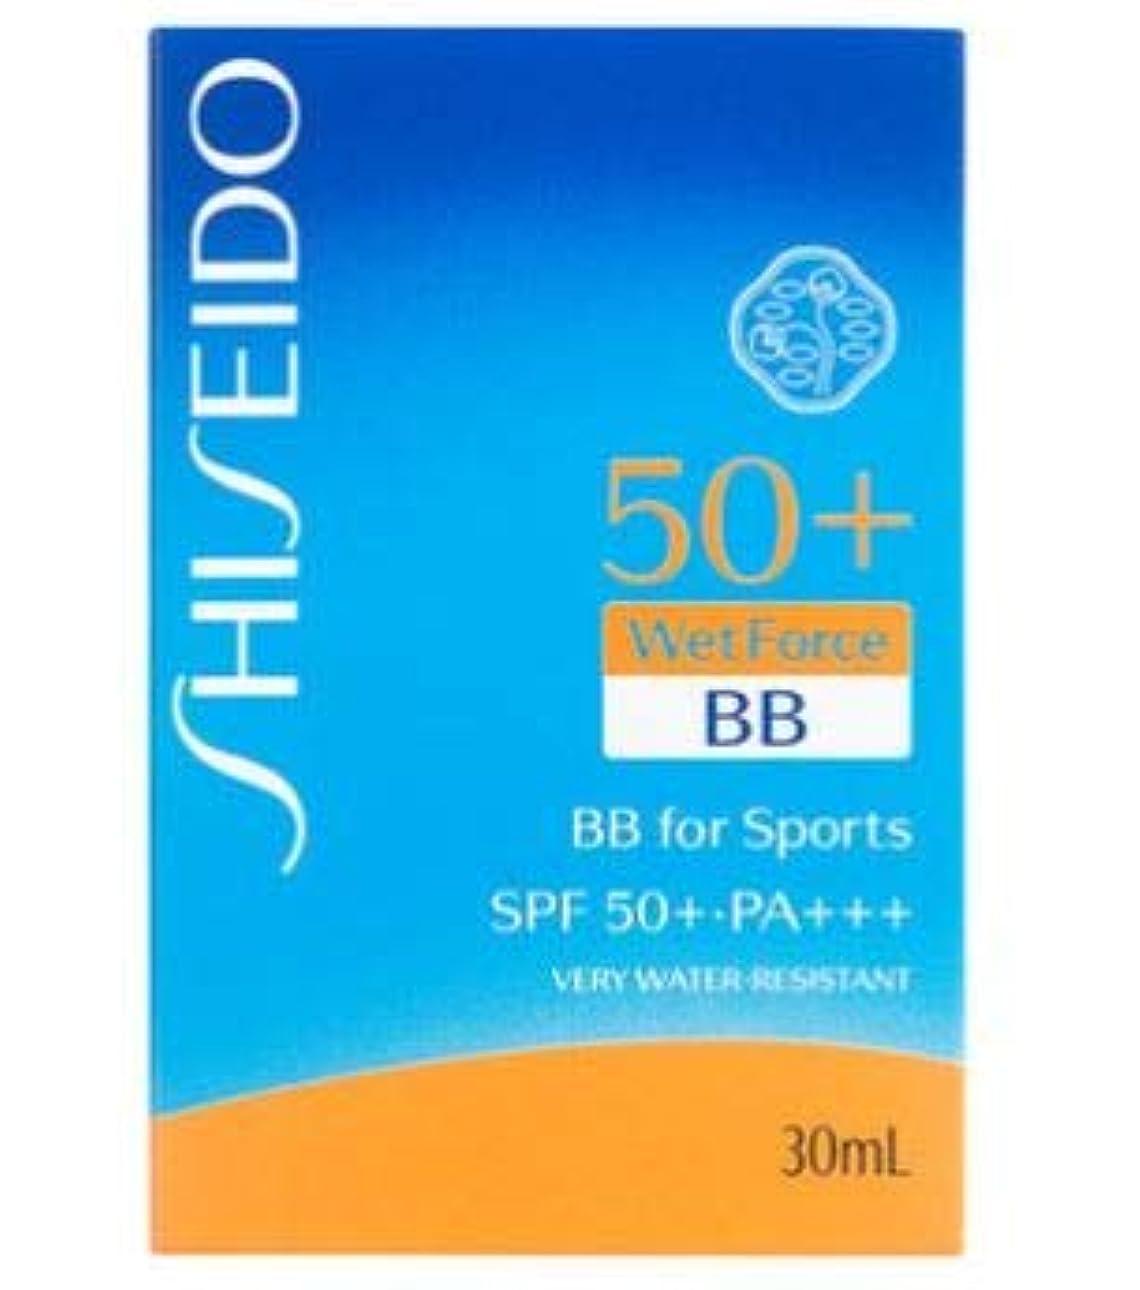 アラビア語ずんぐりしたスリット資生堂 BB フォー スポーツ ダーク 日中用乳液 30ml (SPF50+/PA+++)